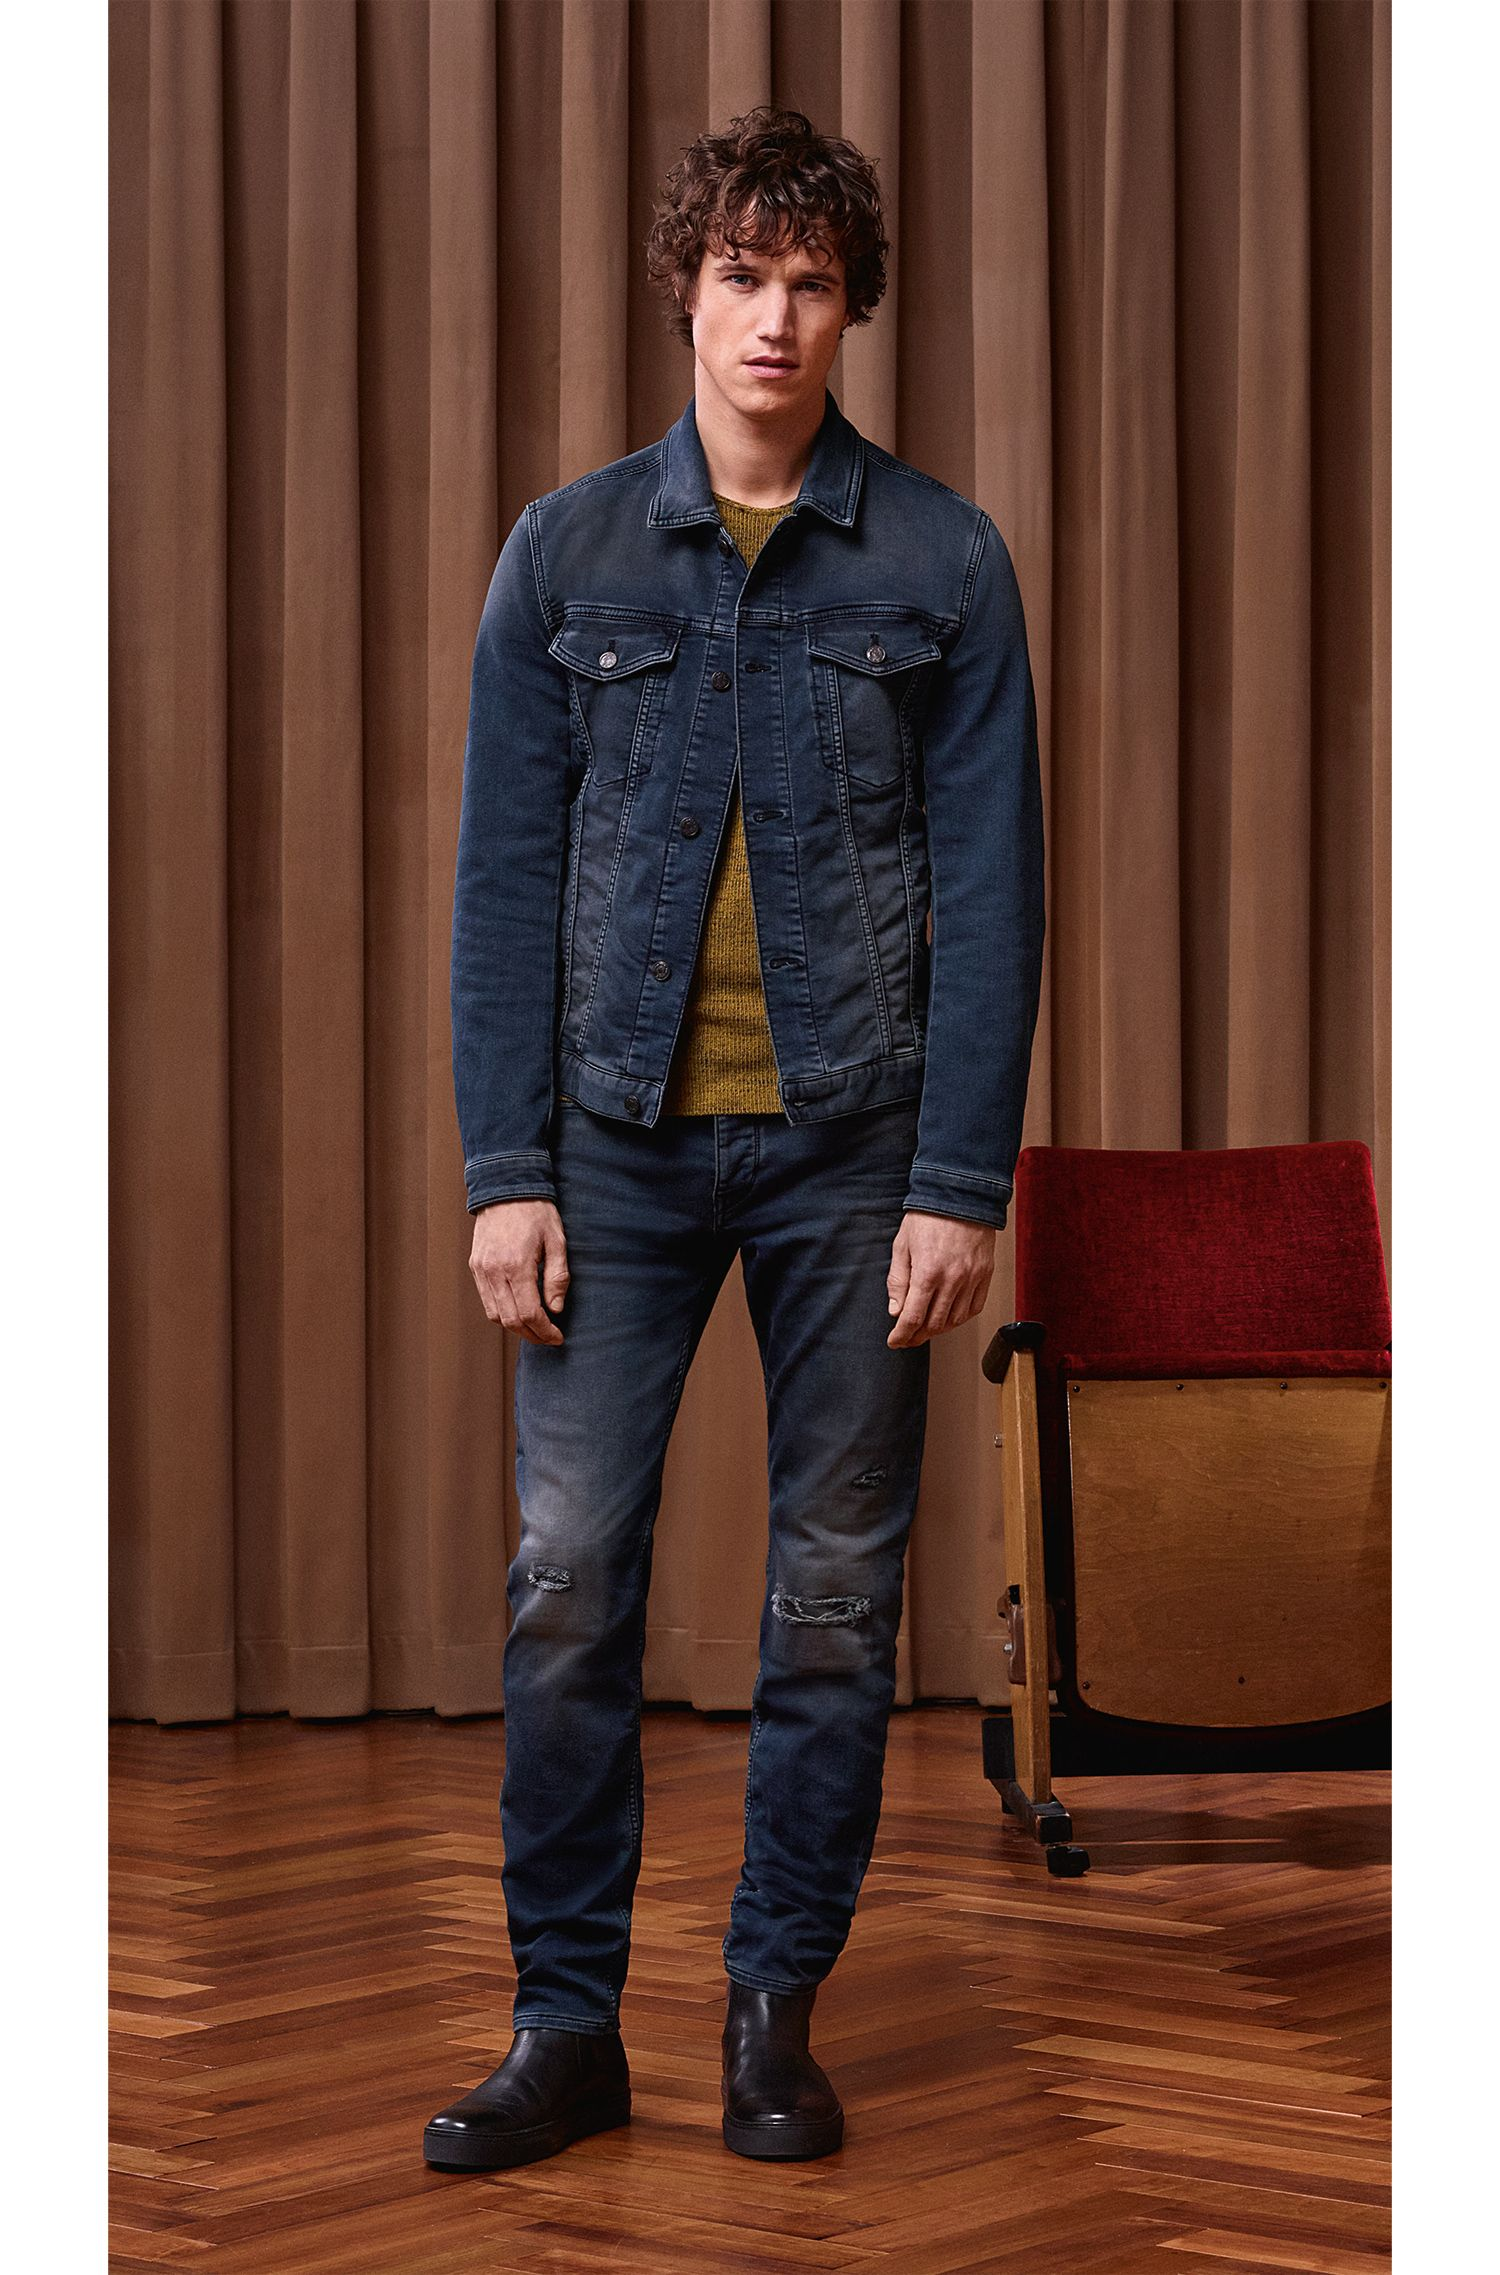 Cotton Blend Sweater | Kutask, Yellow